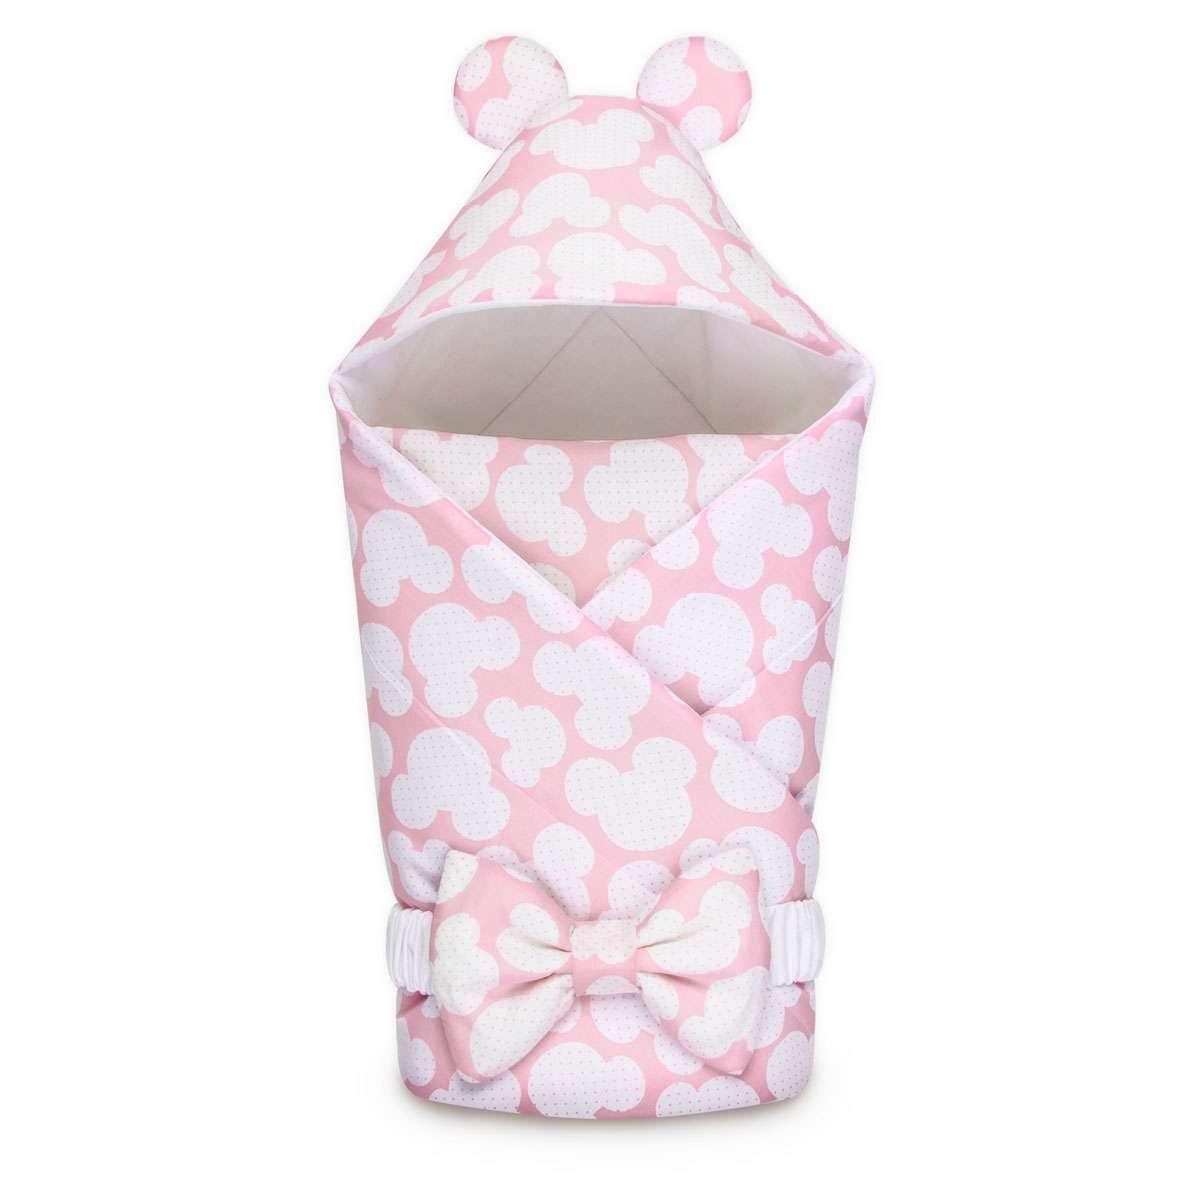 Зимний конверт-одеяло Асбро Микки розовый